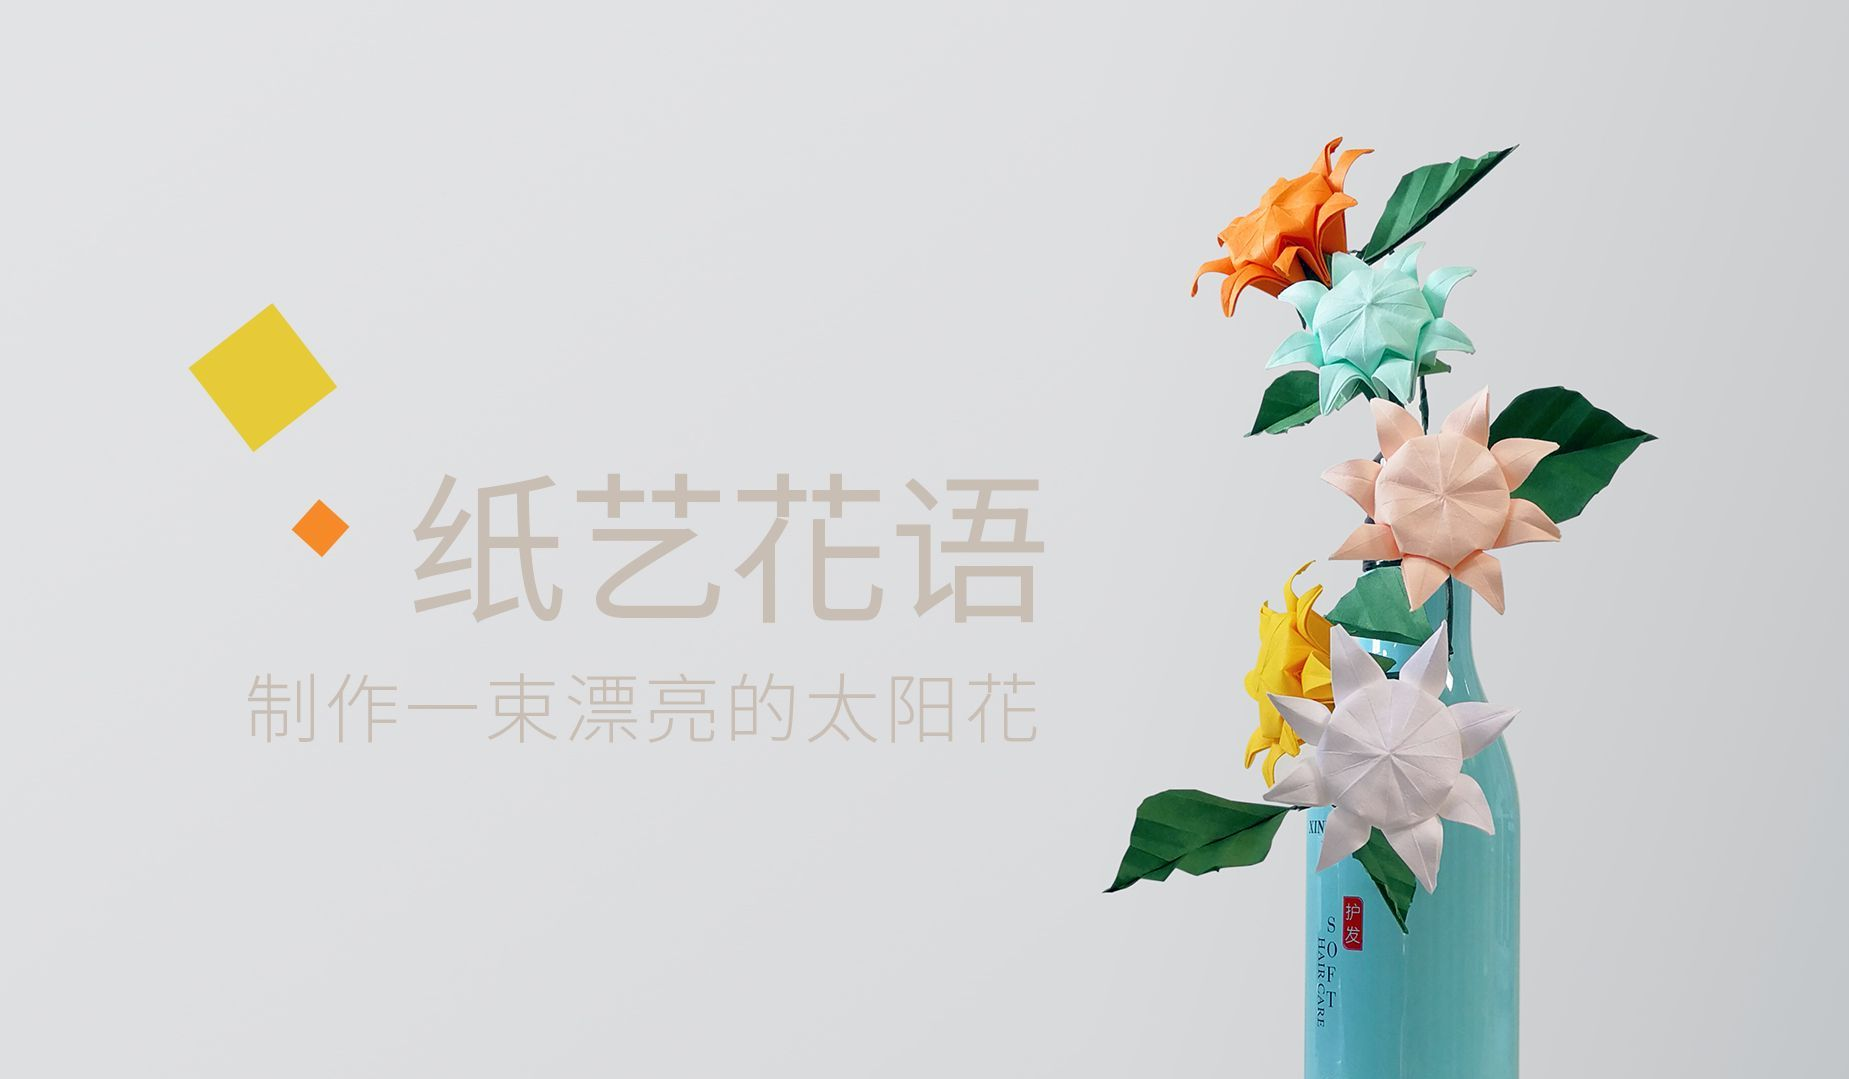 手工DIY纸艺,花艺,用纸制作漂亮的太阳花——《纸艺花语》